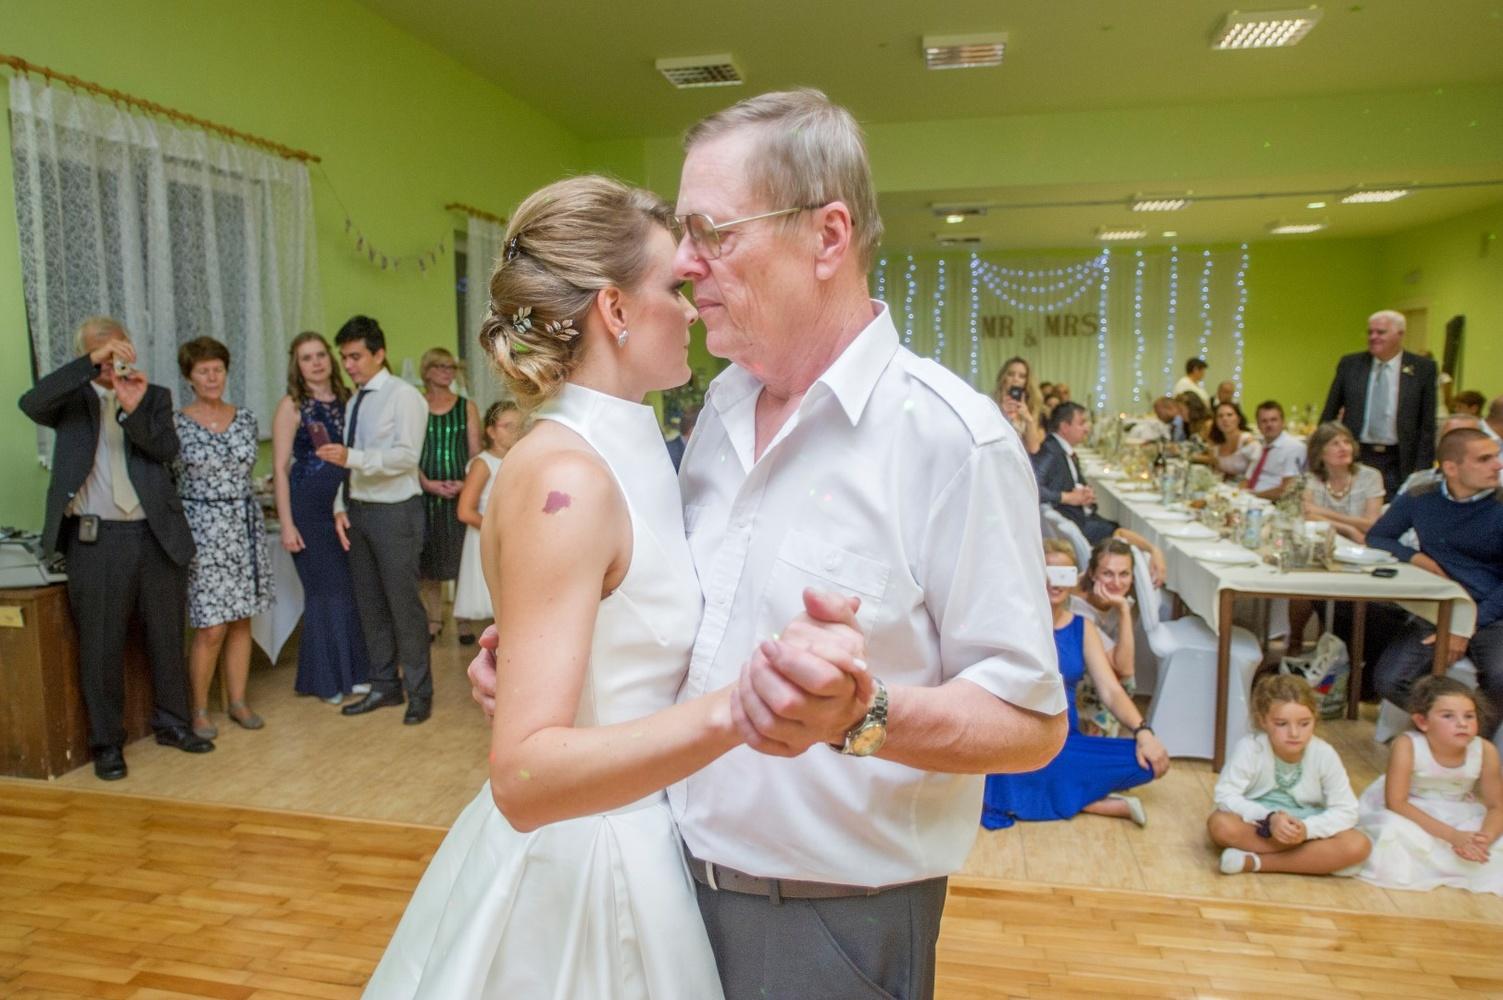 http://www.fotoz.sk/images/gallery-8/normal/eskuvoi-fotos_svadobny-fotograf_542.jpg